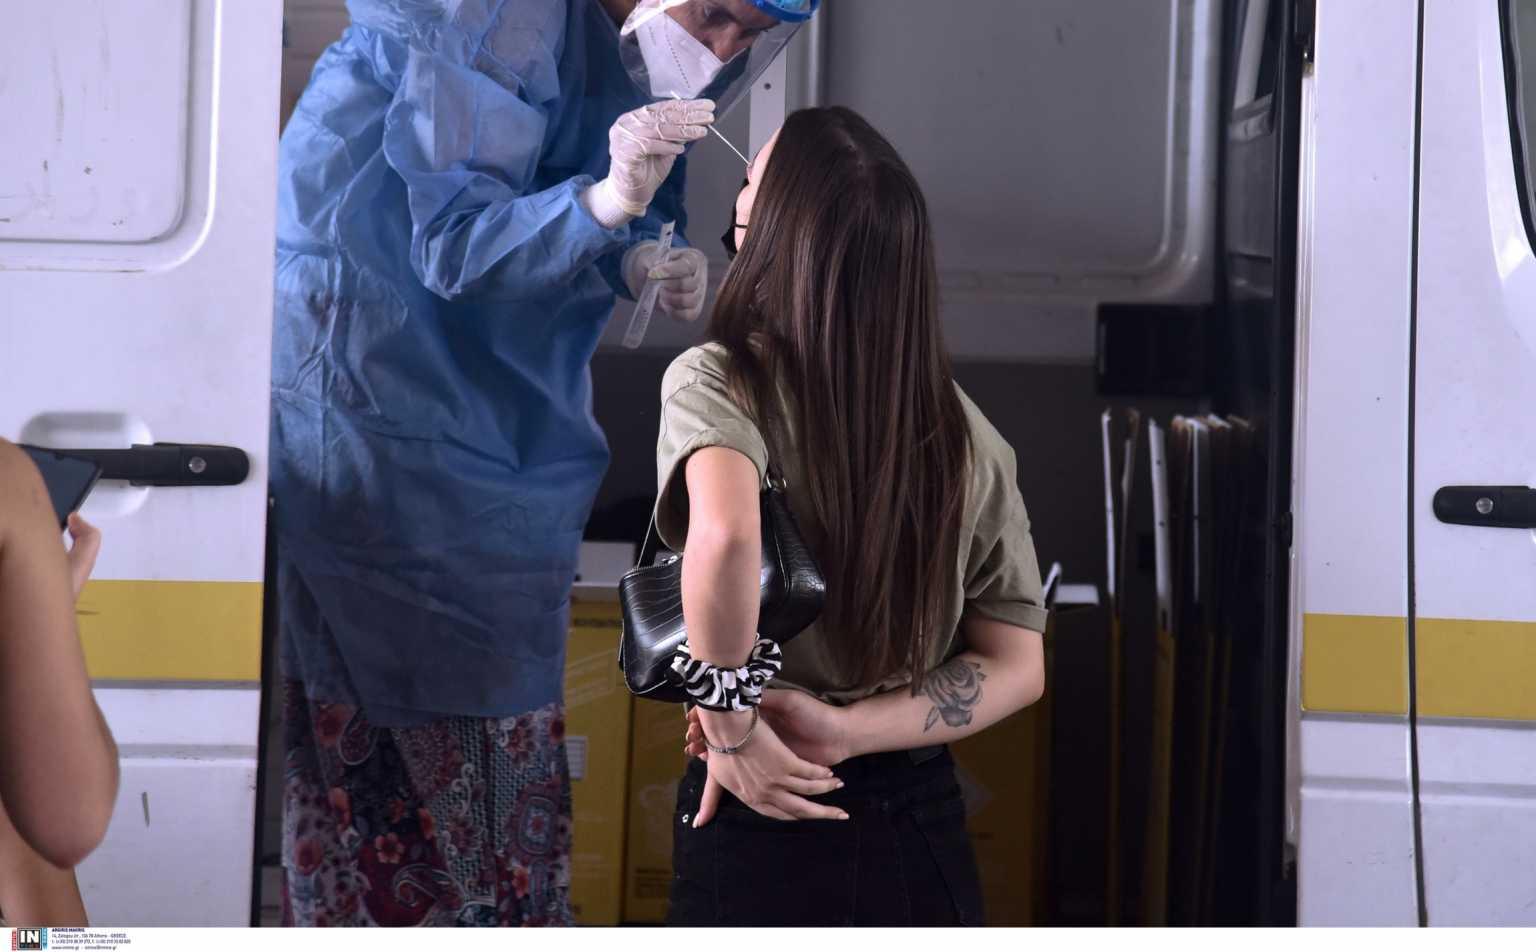 Κορονοϊός – Υποχρεωτικά rapid tests: Έτσι θα γίνονται για τους ανεμβολίαστους στον ιδιωτικό τομέα